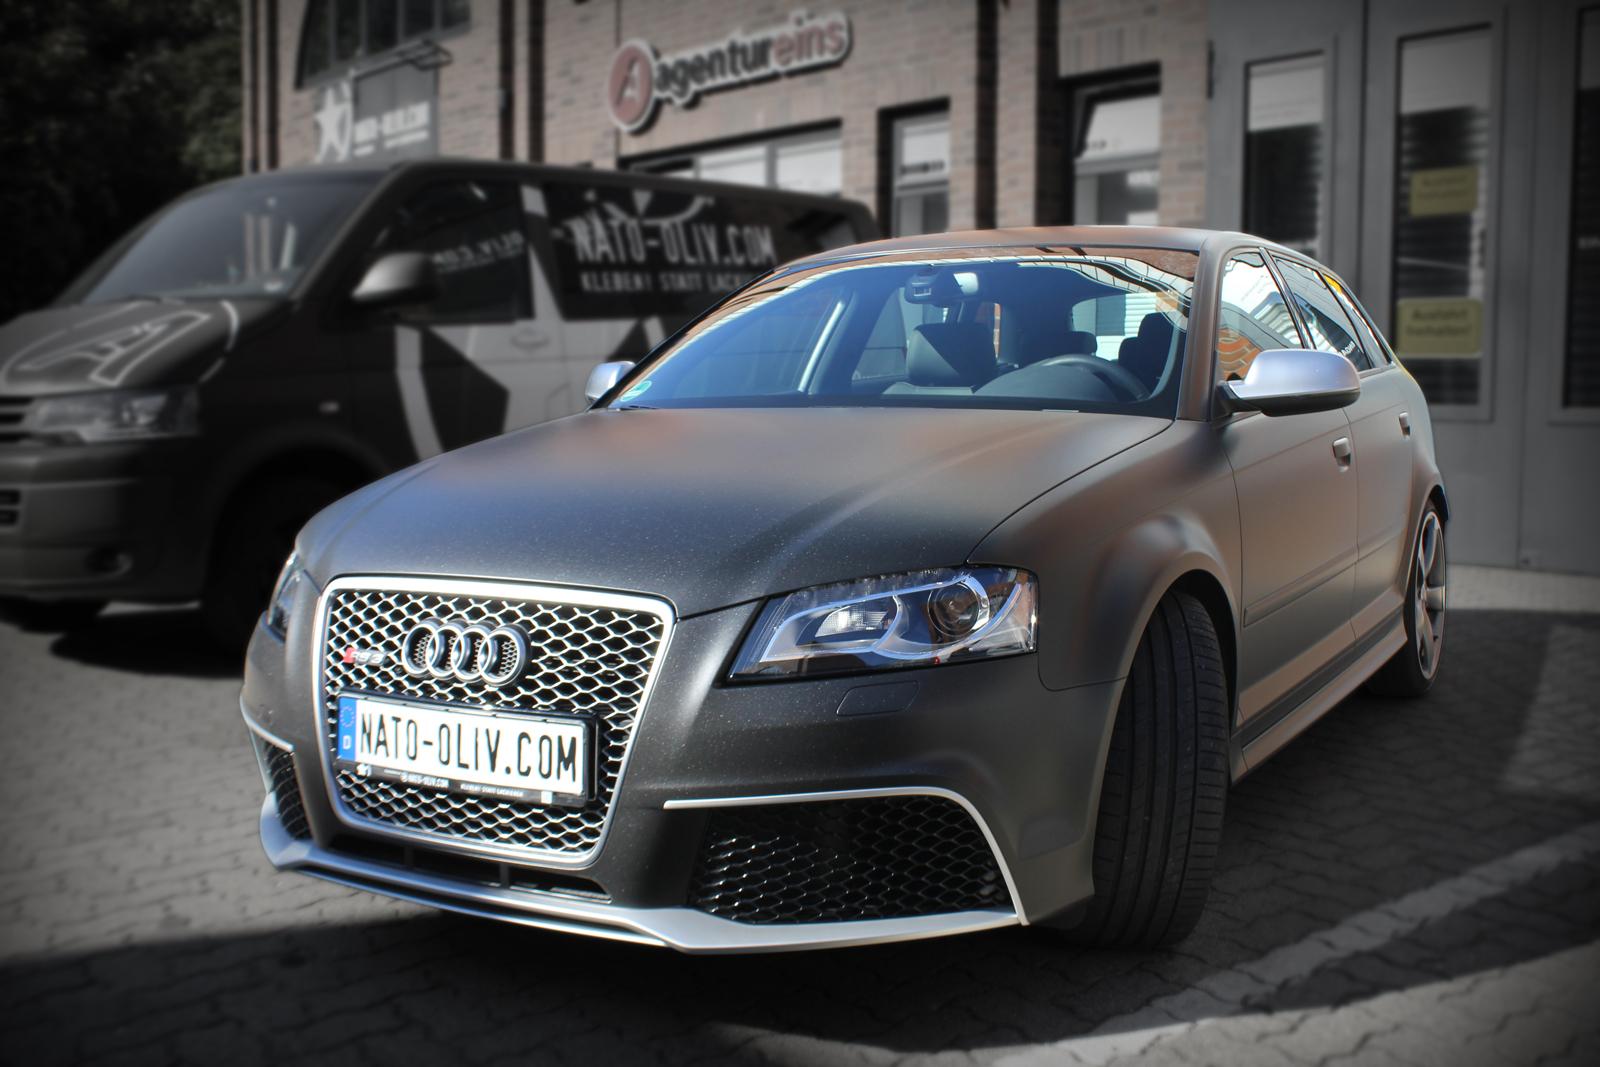 schraege Frontalansicht des Audi RS3 mit Folie in Midnightblack metallic matt beklebt